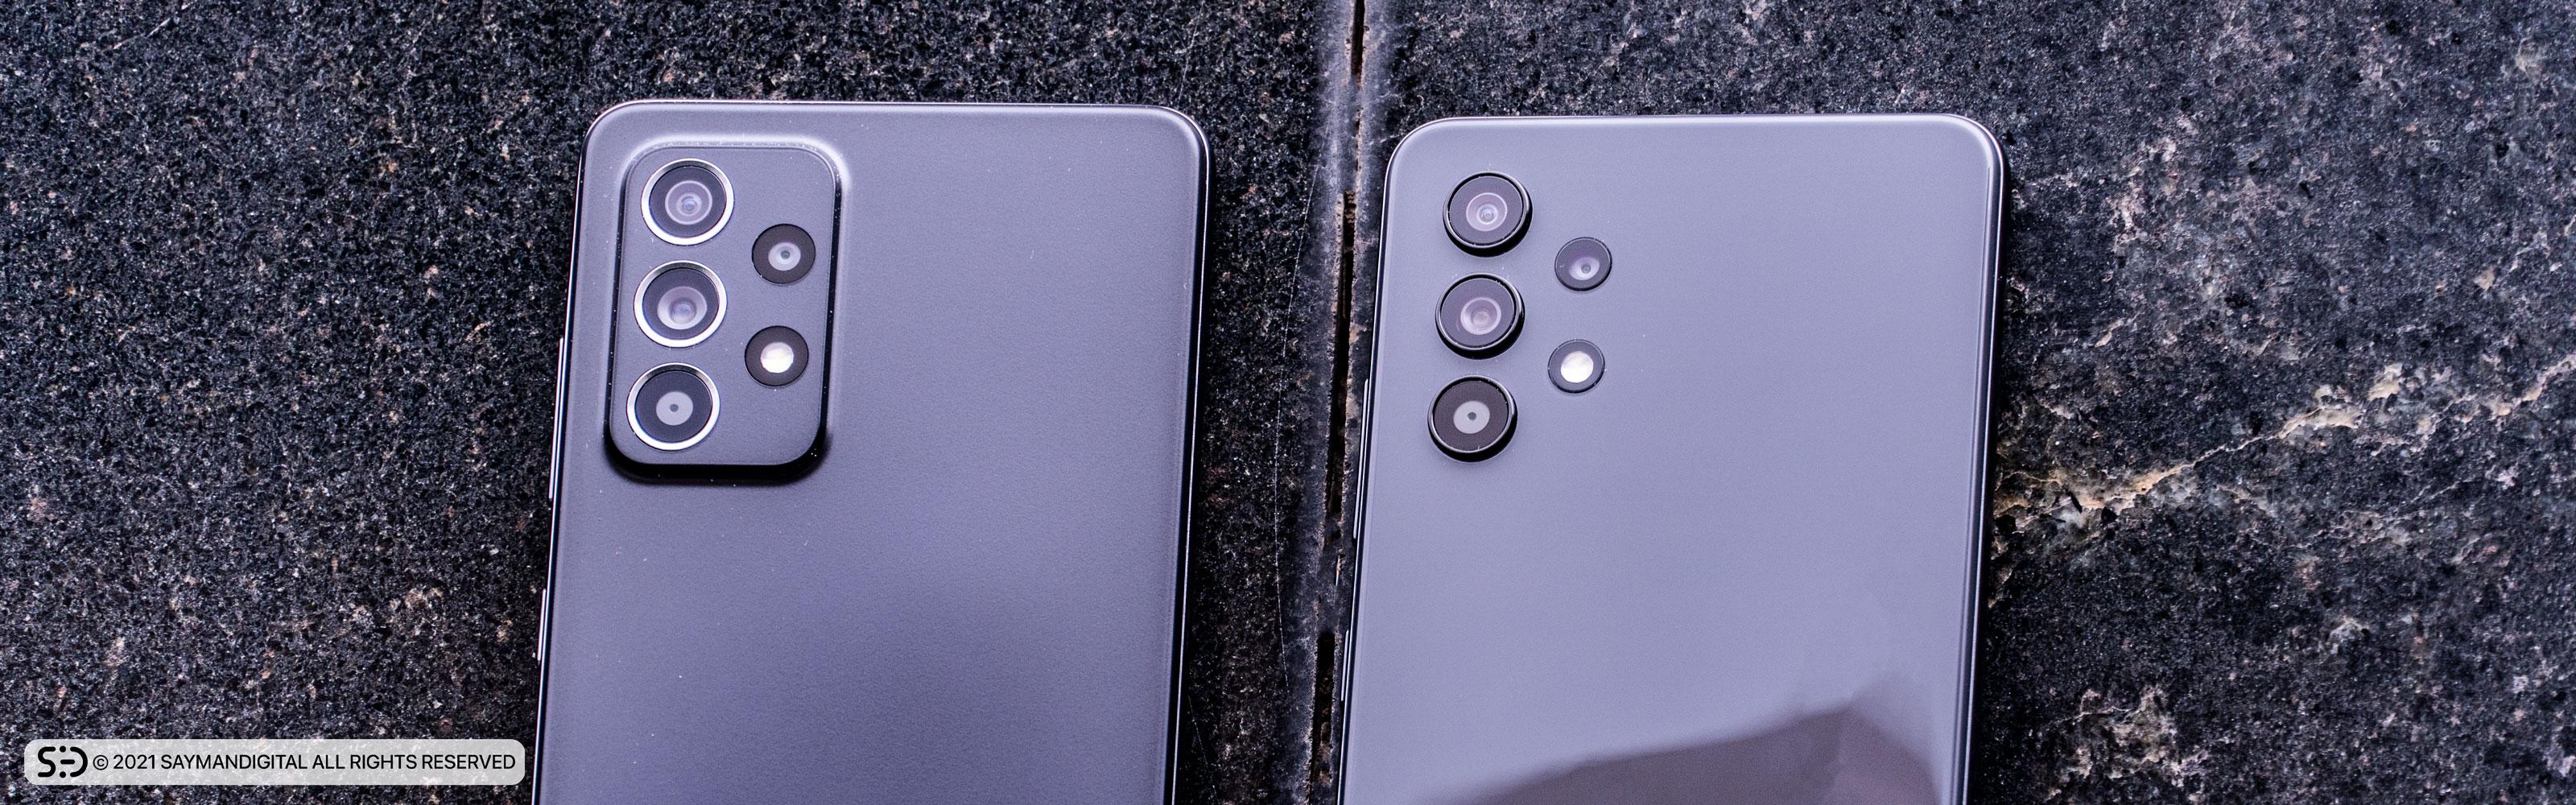 مقایسه طراحی دوربین A32 و A52 در مطلب بررسی گلکسی A32